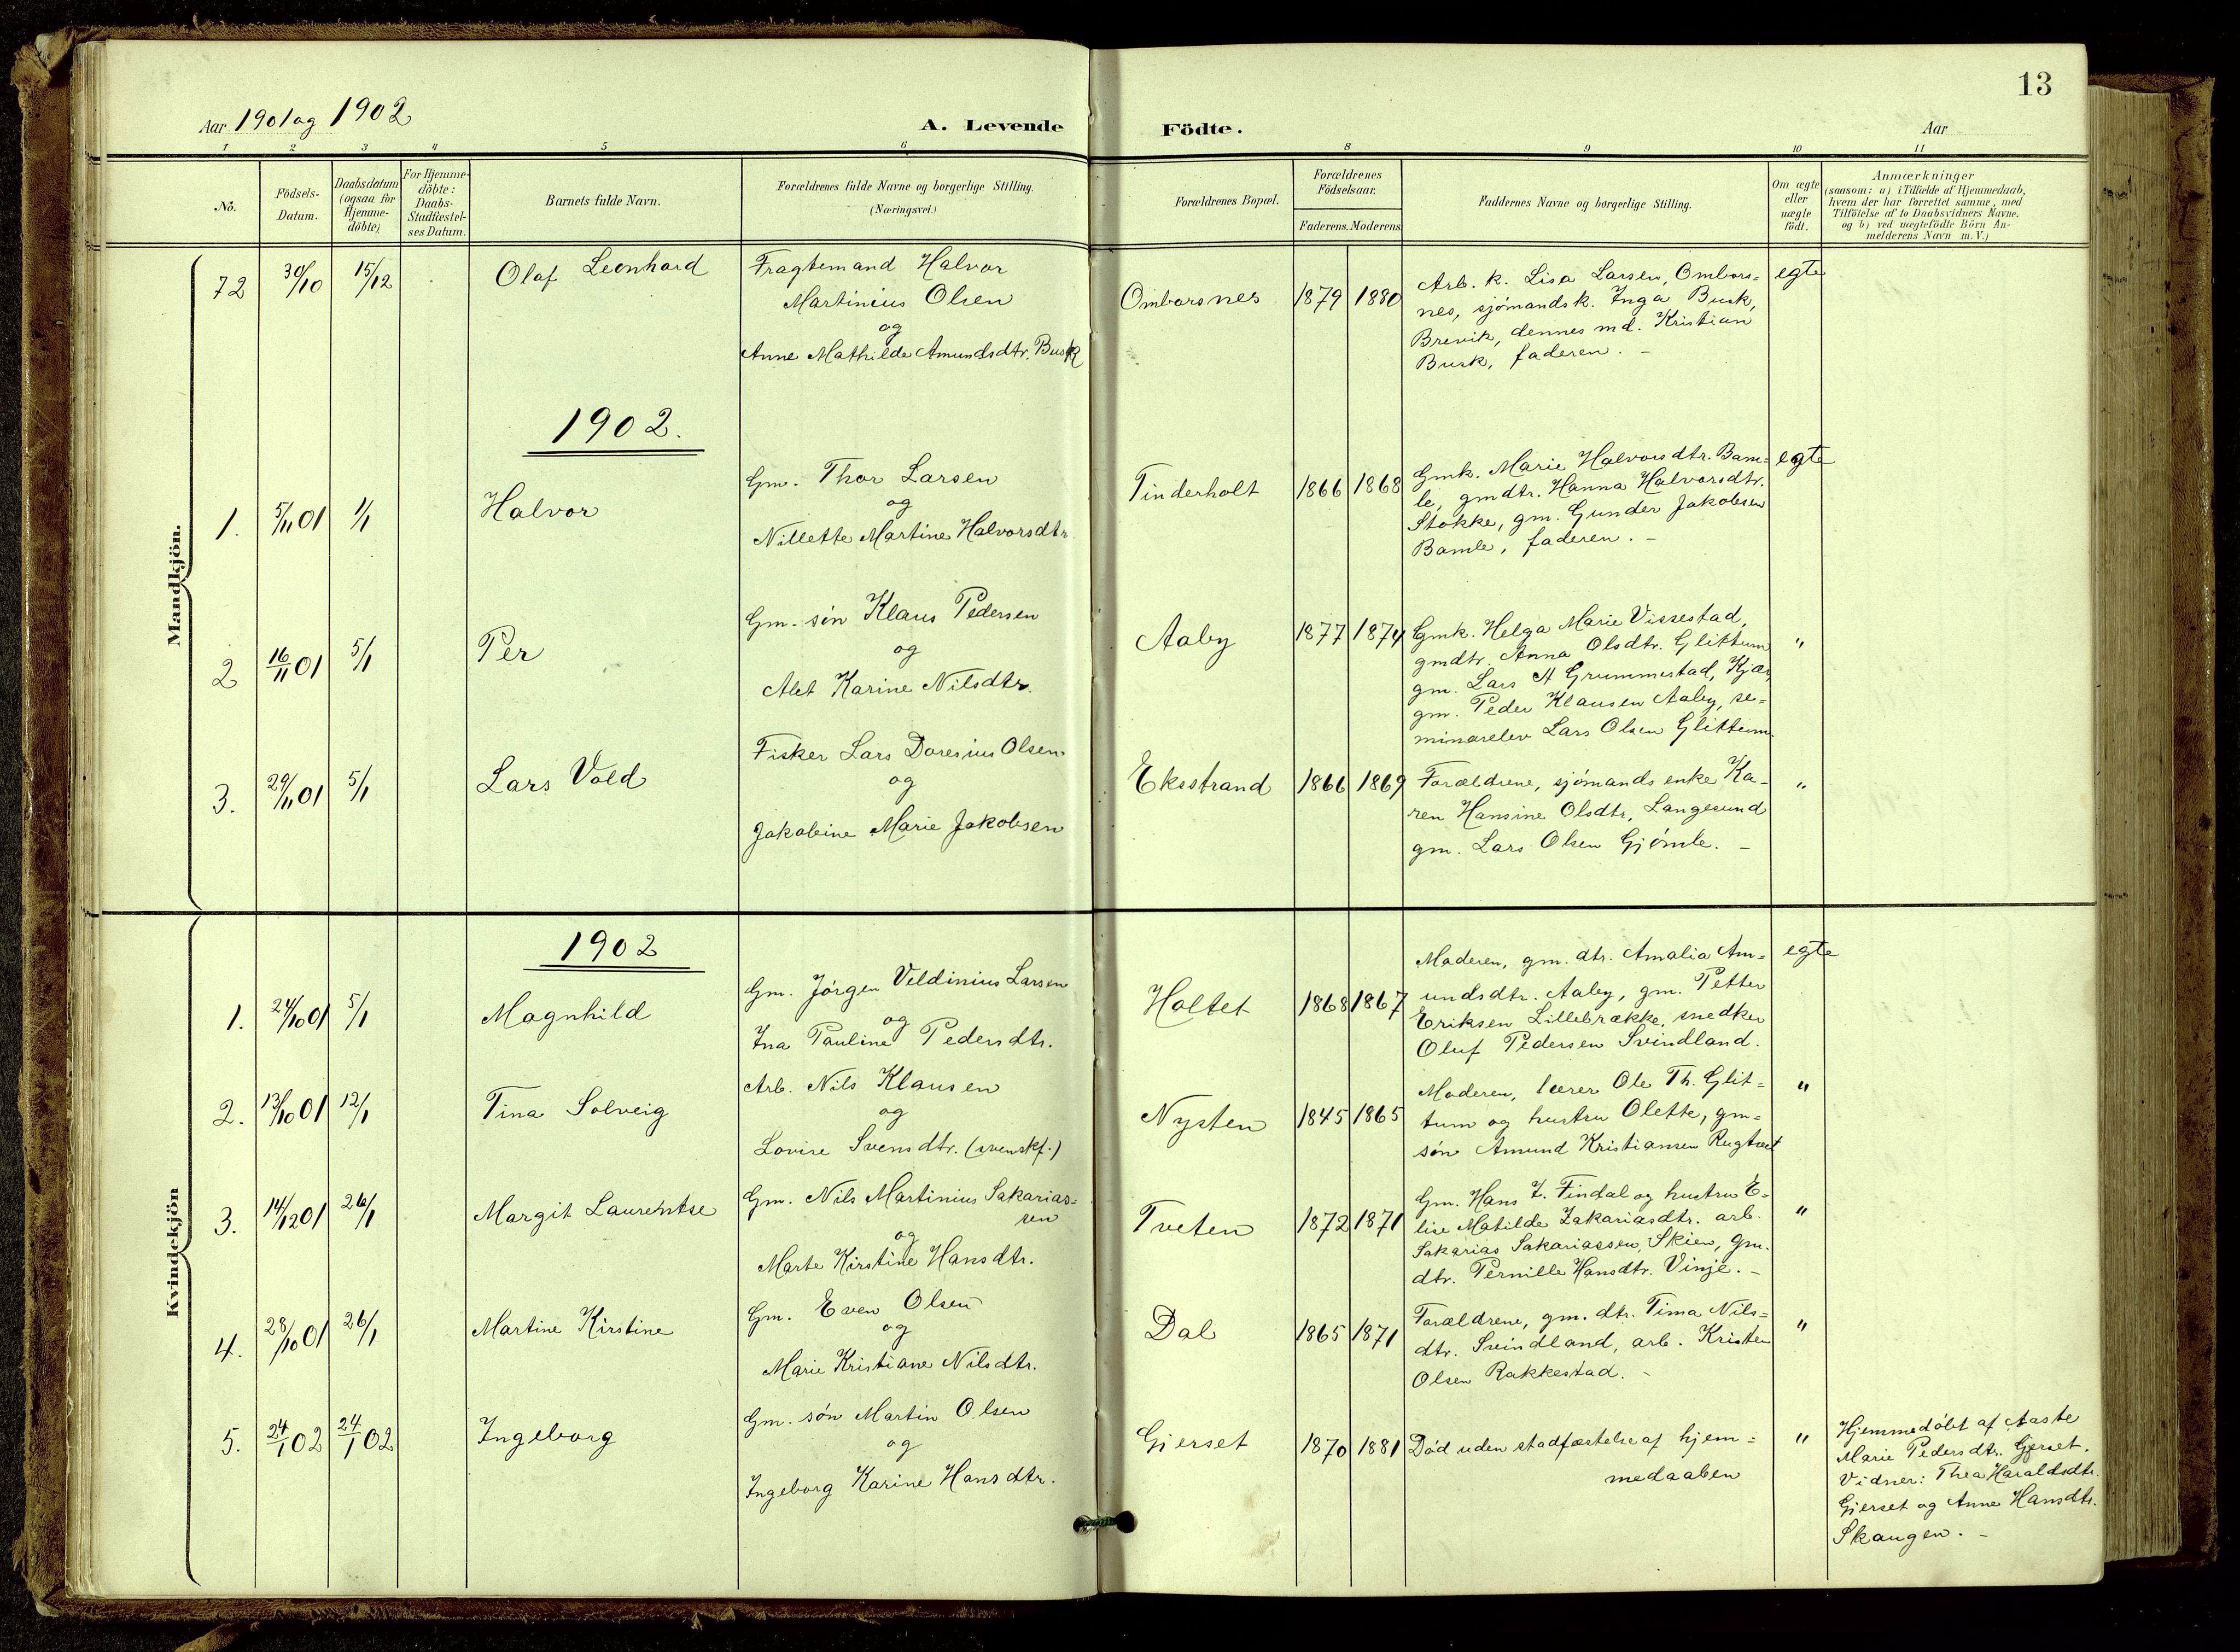 SAKO, Bamble kirkebøker, G/Ga/L0010: Klokkerbok nr. I 10, 1901-1919, s. 13